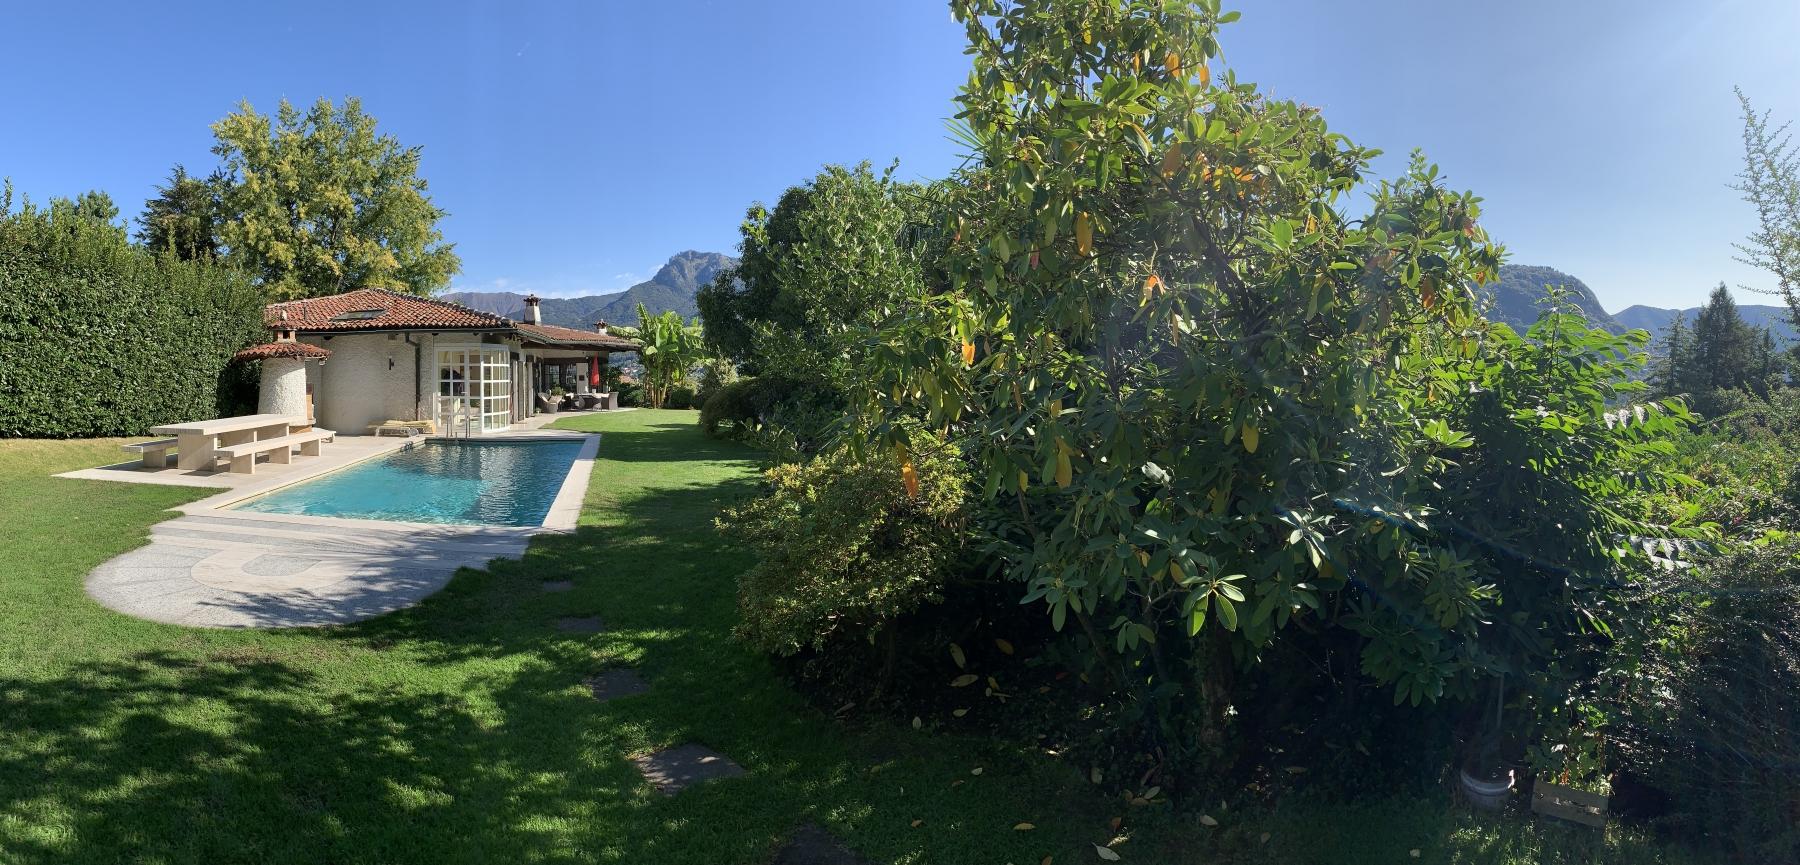 Vista giardino con piscina